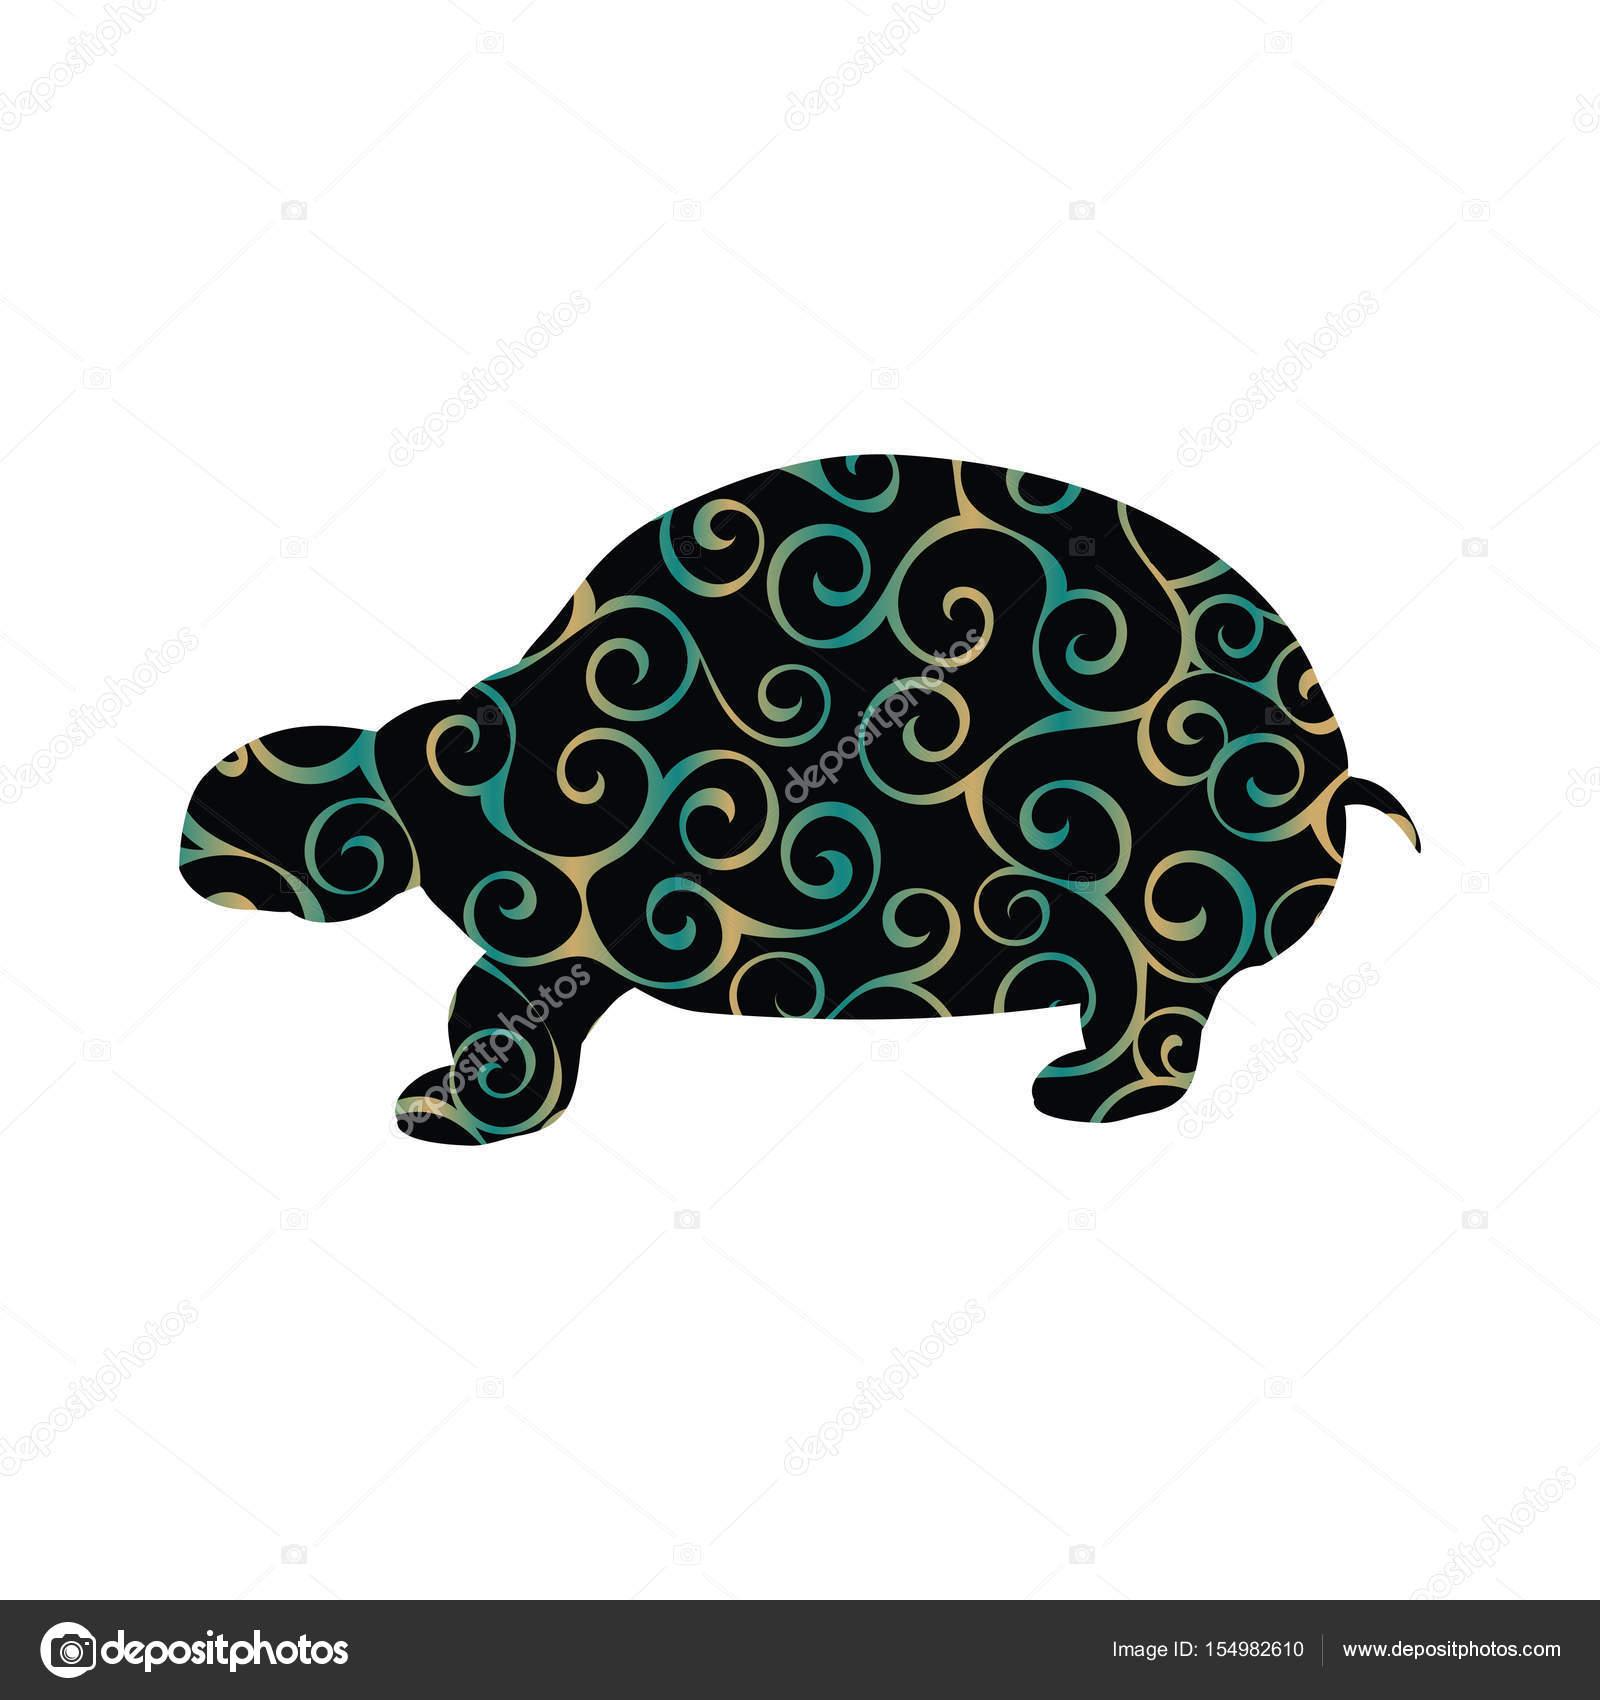 Animal silueta de tierra tortuga reptil color — Archivo Imágenes ...